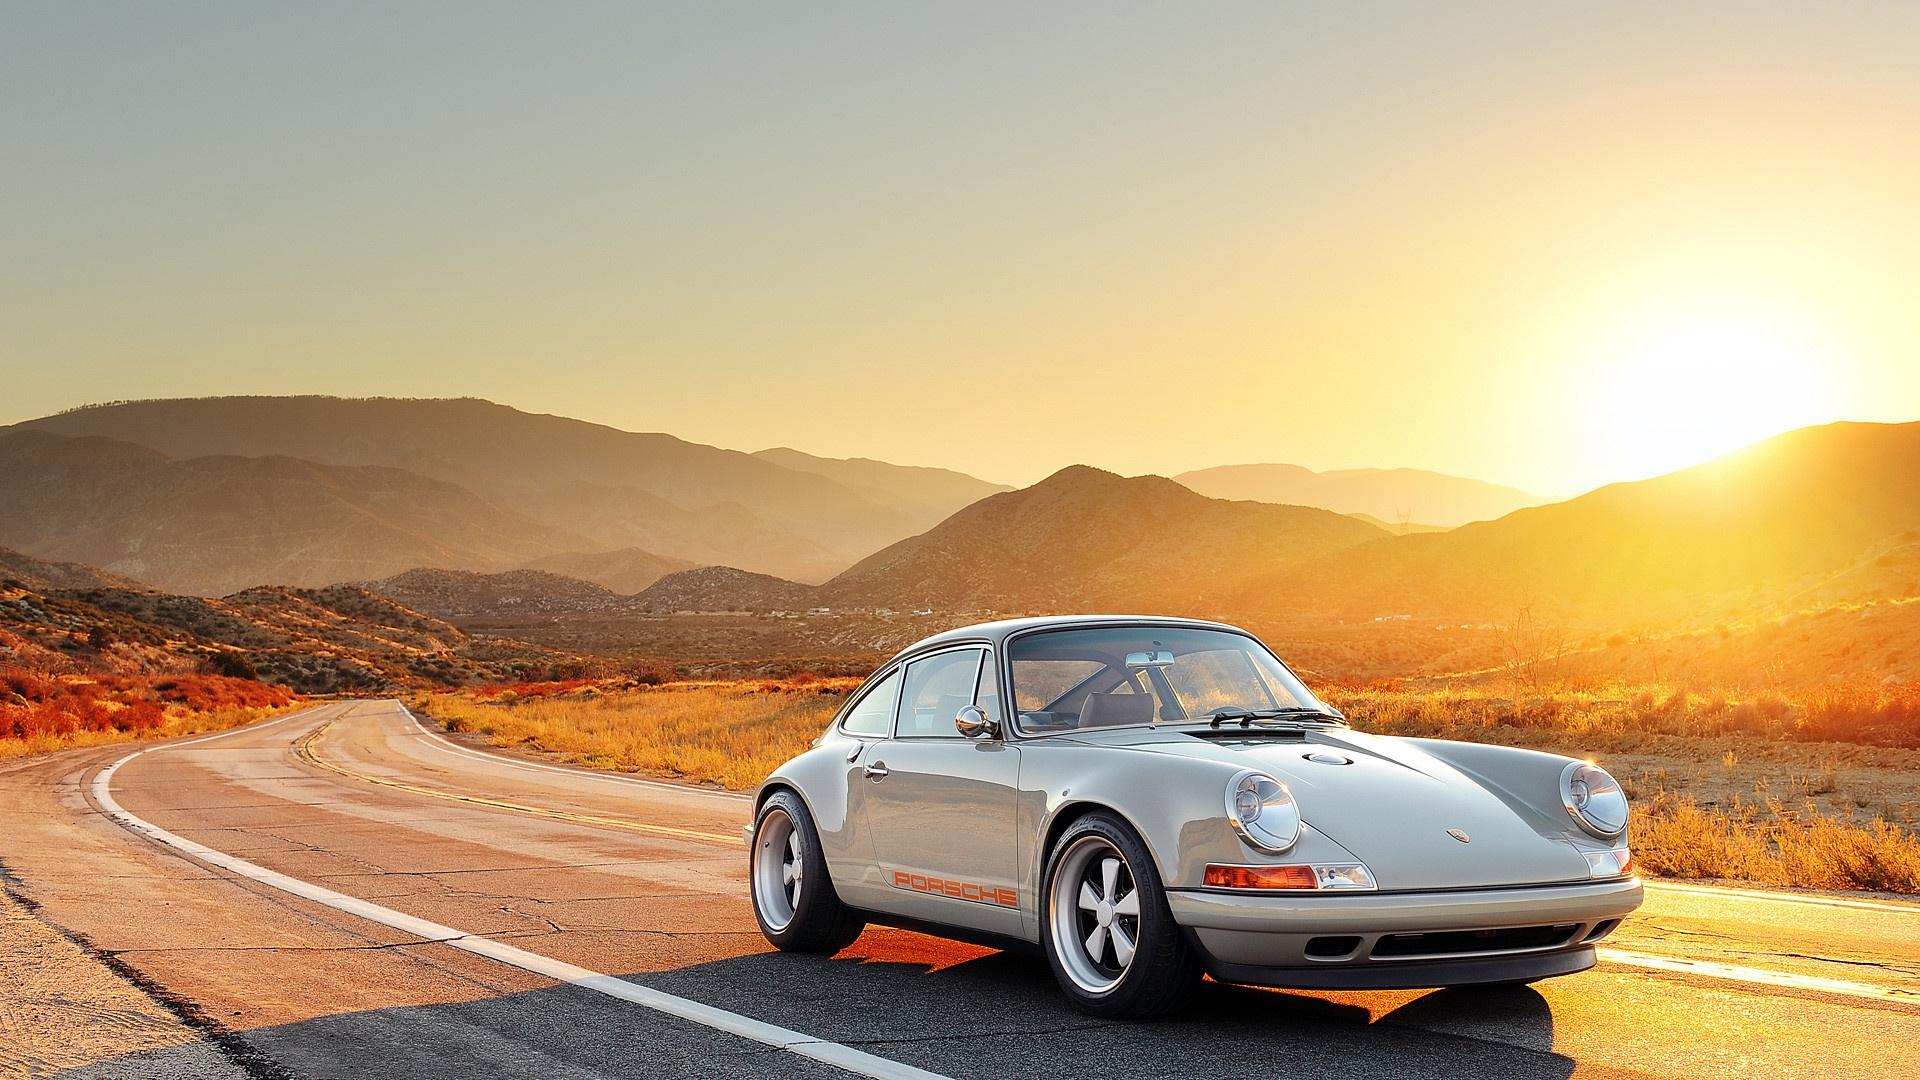 Porsche 911 гараж смотреть